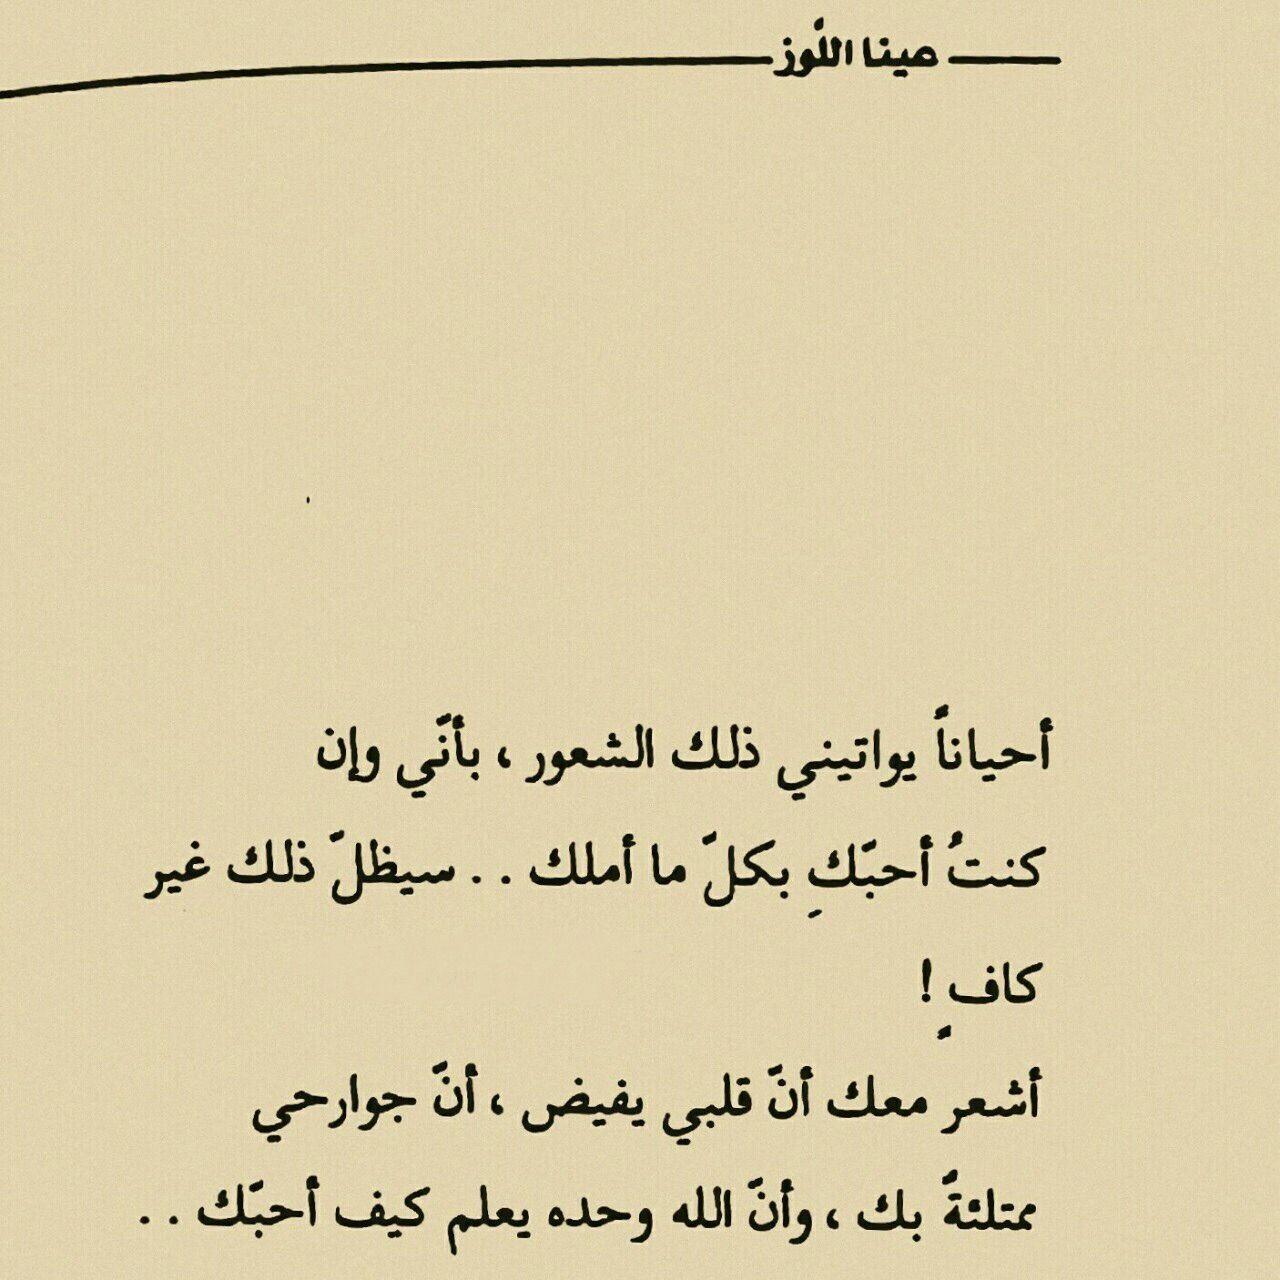 احبك بكل ما املك و ذلك غير كاف جوارحي ممتلئة بك Words Arabic Love Quotes Love Quotes